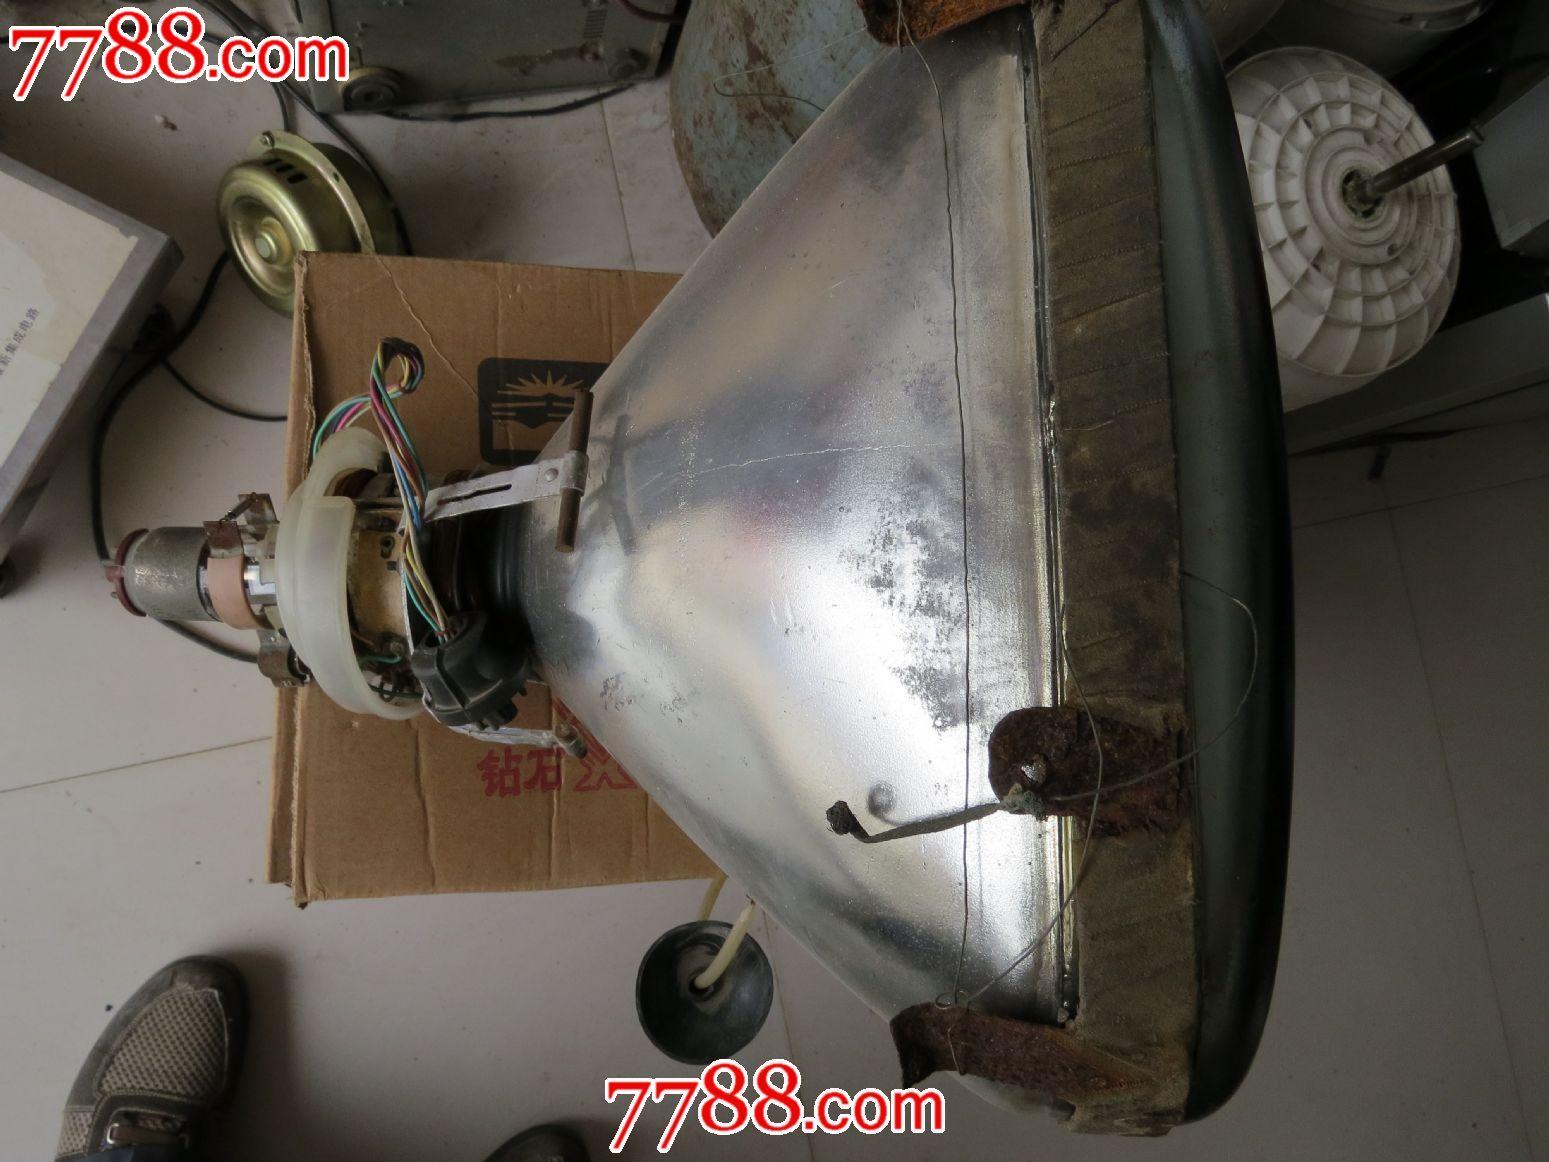 电子管显像管_电视机_过去的时光【中国收藏热线】